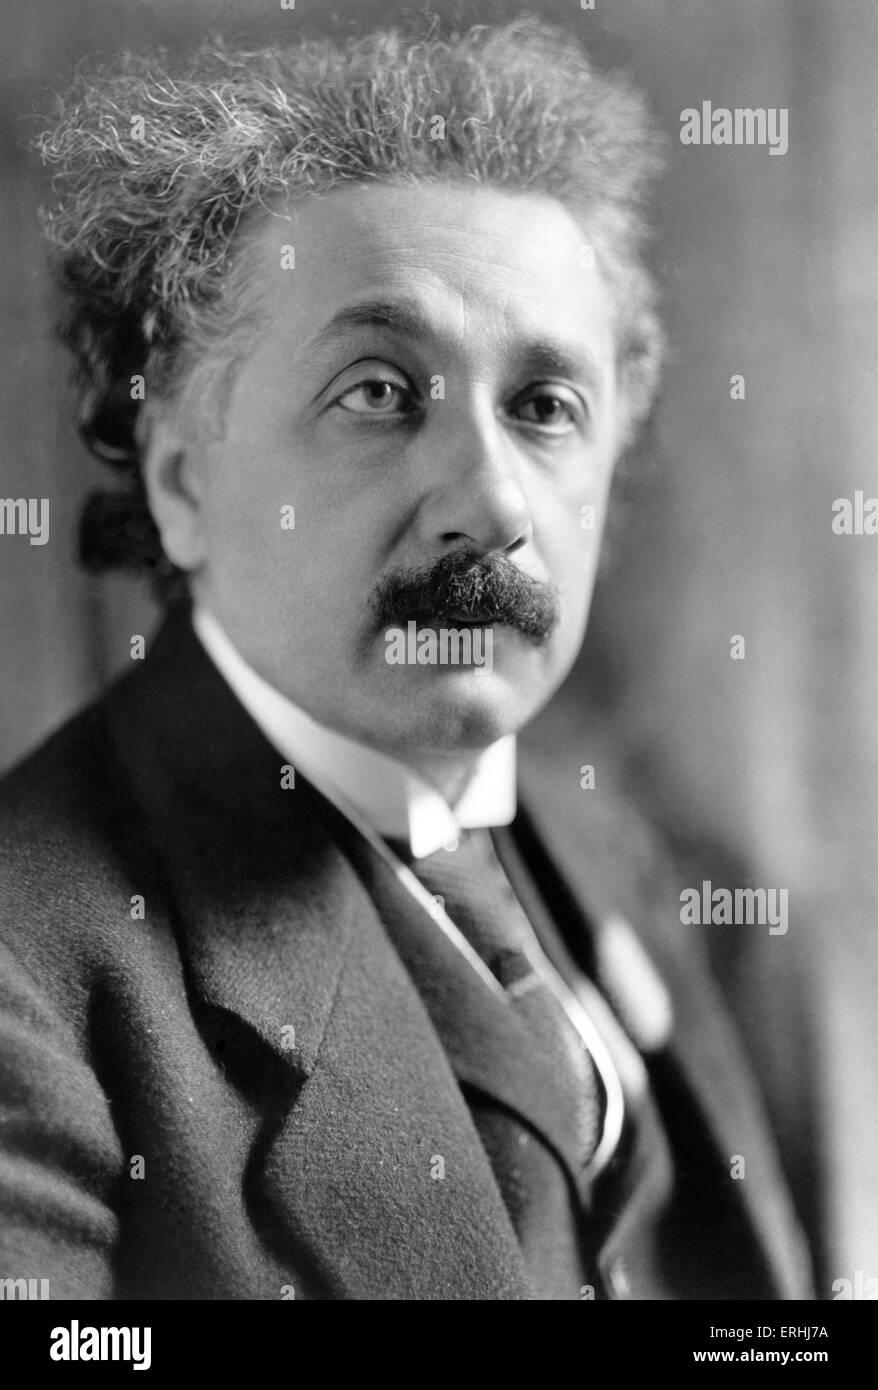 Albert einstein as a noble prize essay